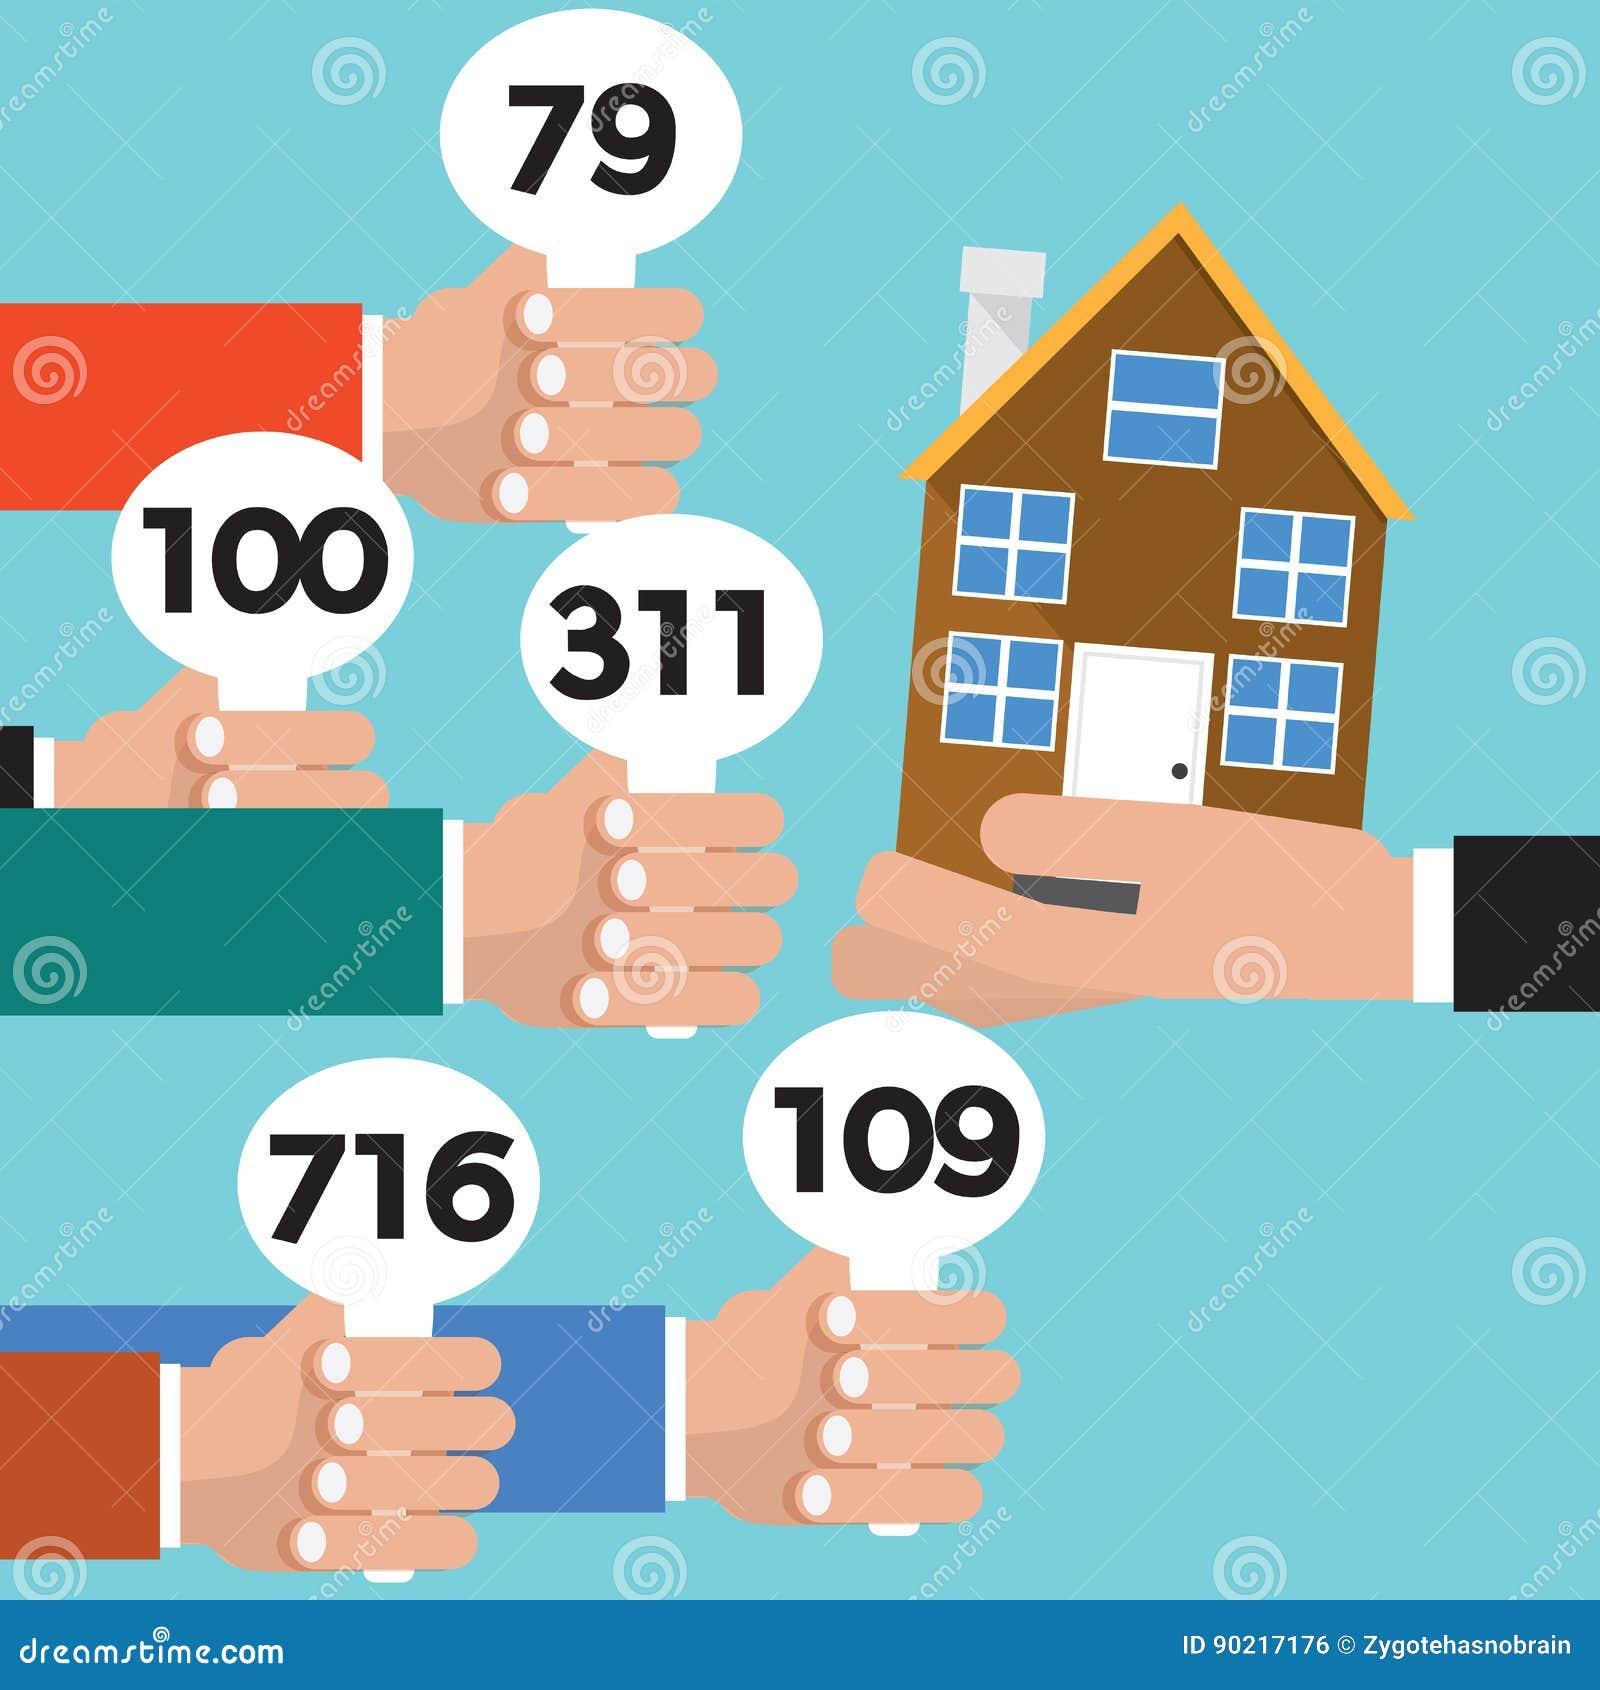 Ejuate real estate bidding